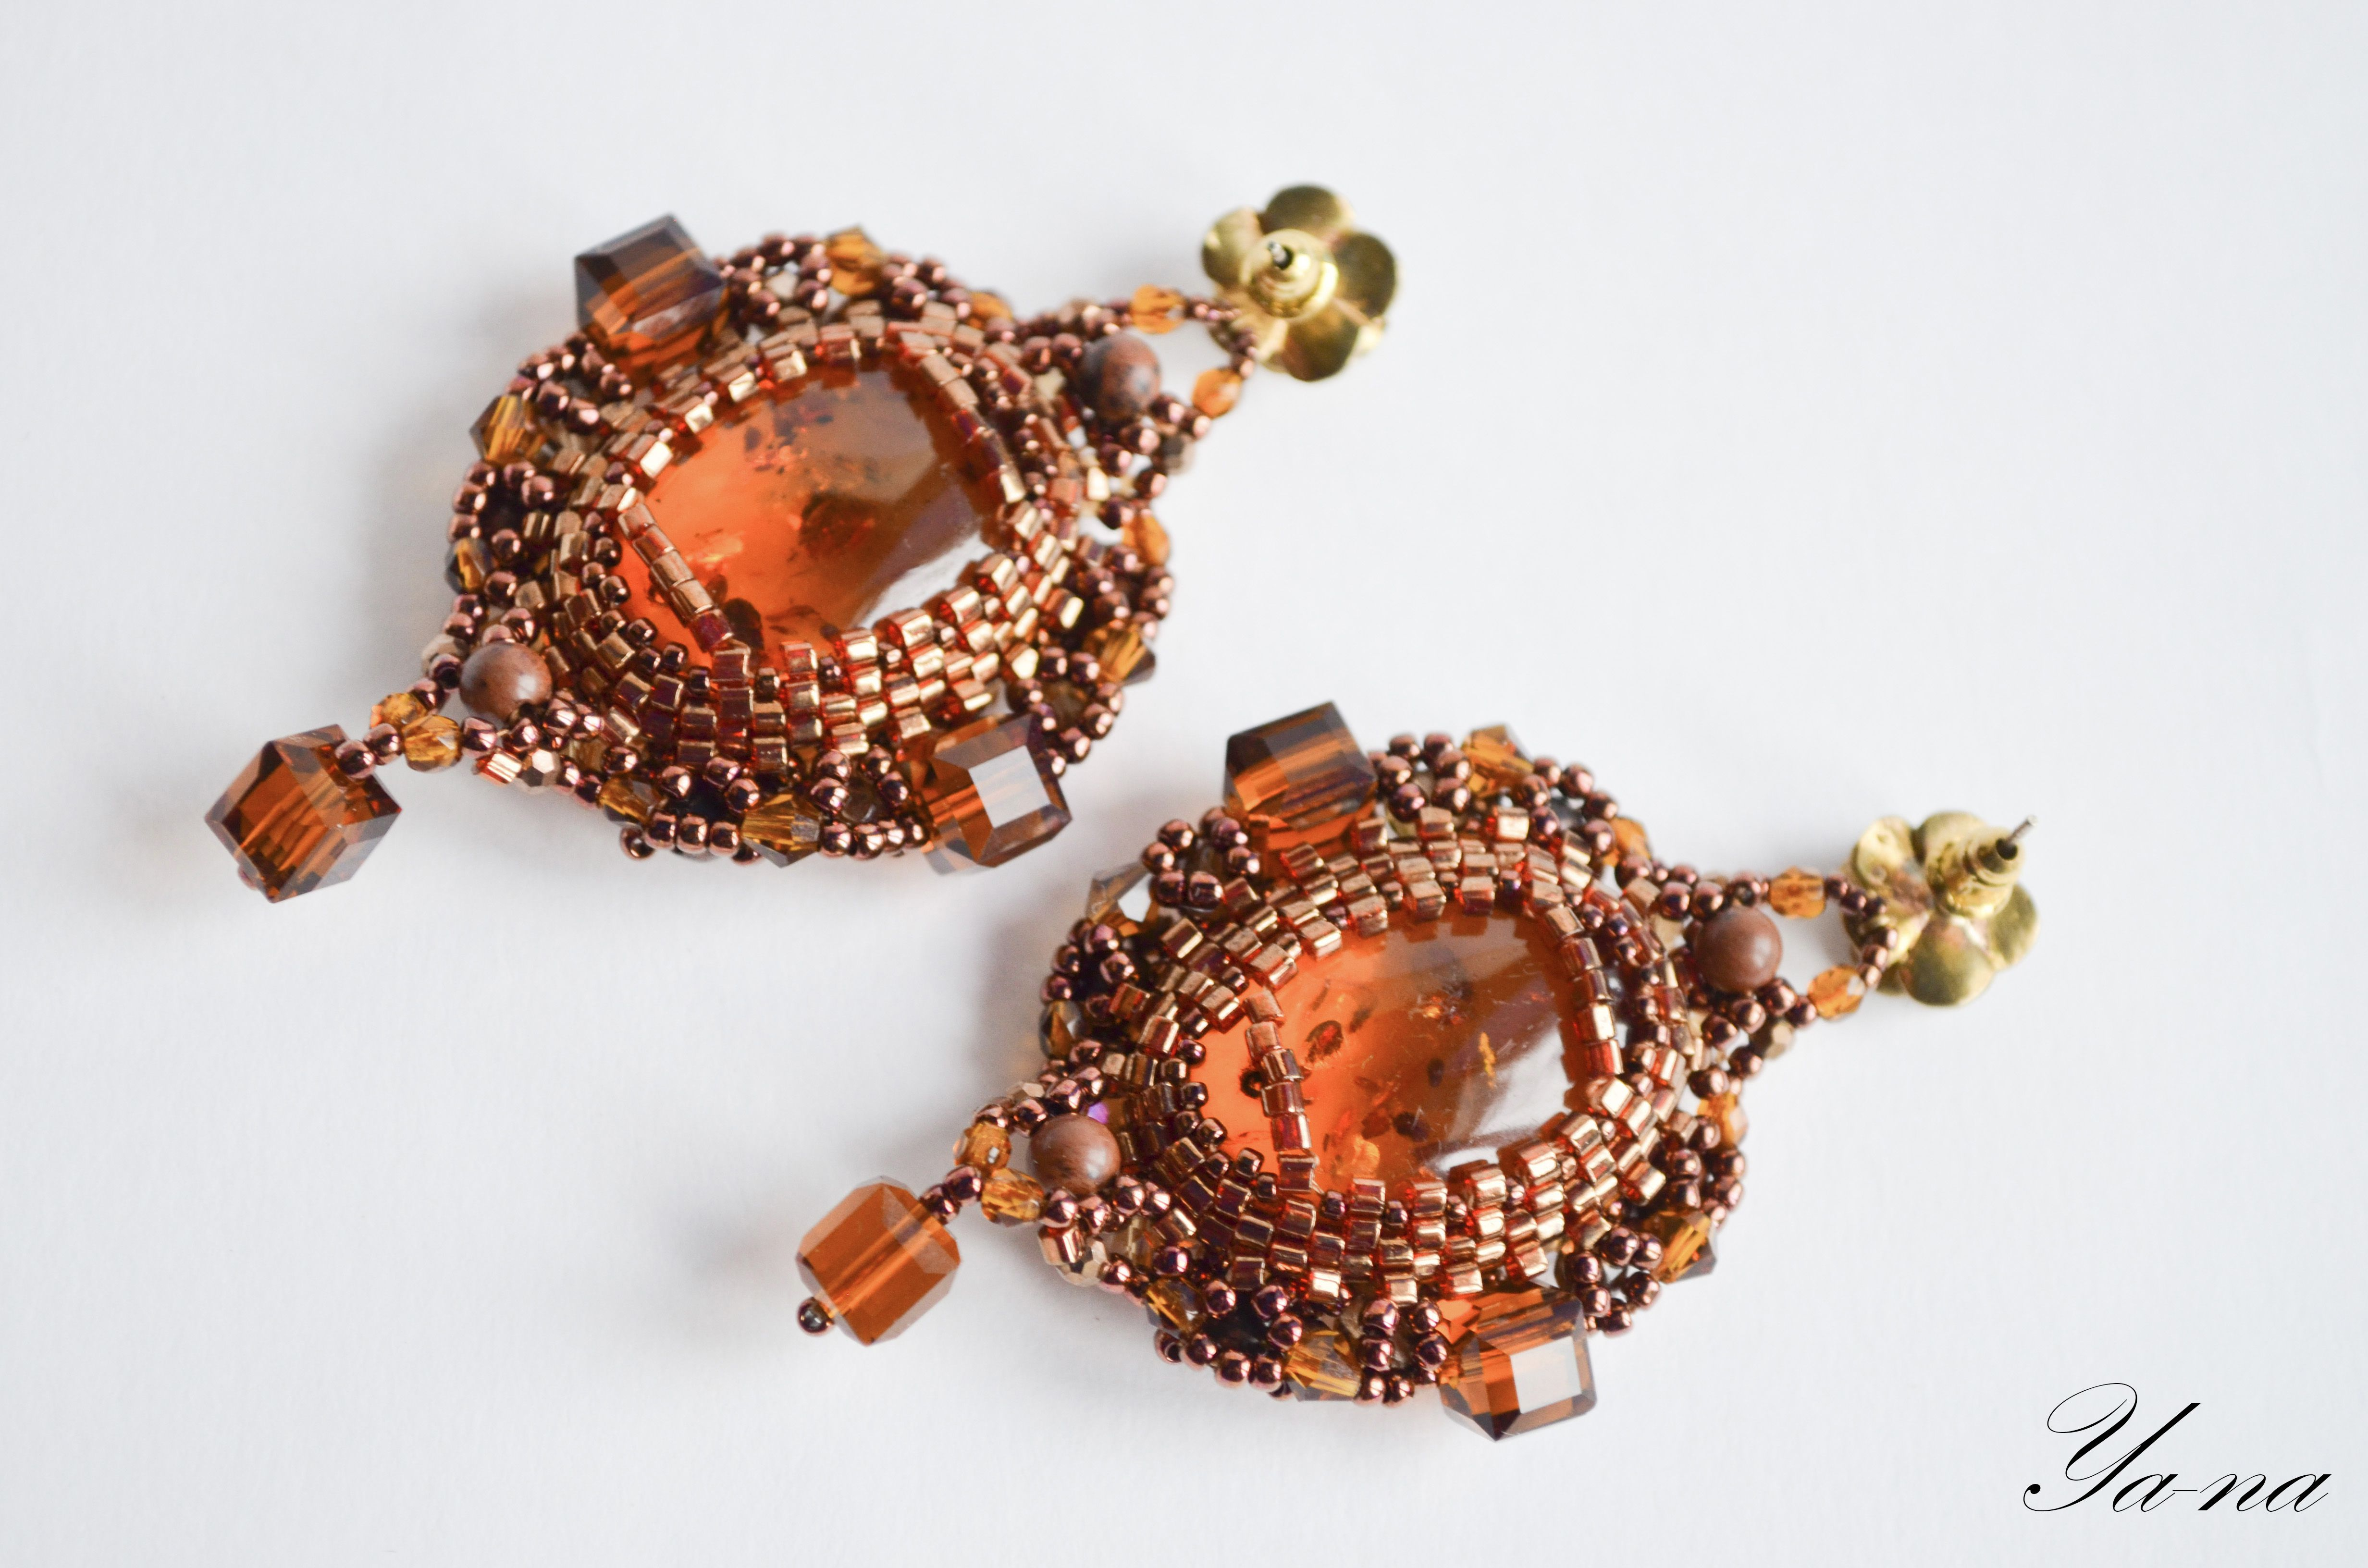 ручнаяработа янтарь бисер длядевушки серьгиизбисера бисерныесерьги серьгисянтарем янтарныесерьги серьгиянтарные дляженщины